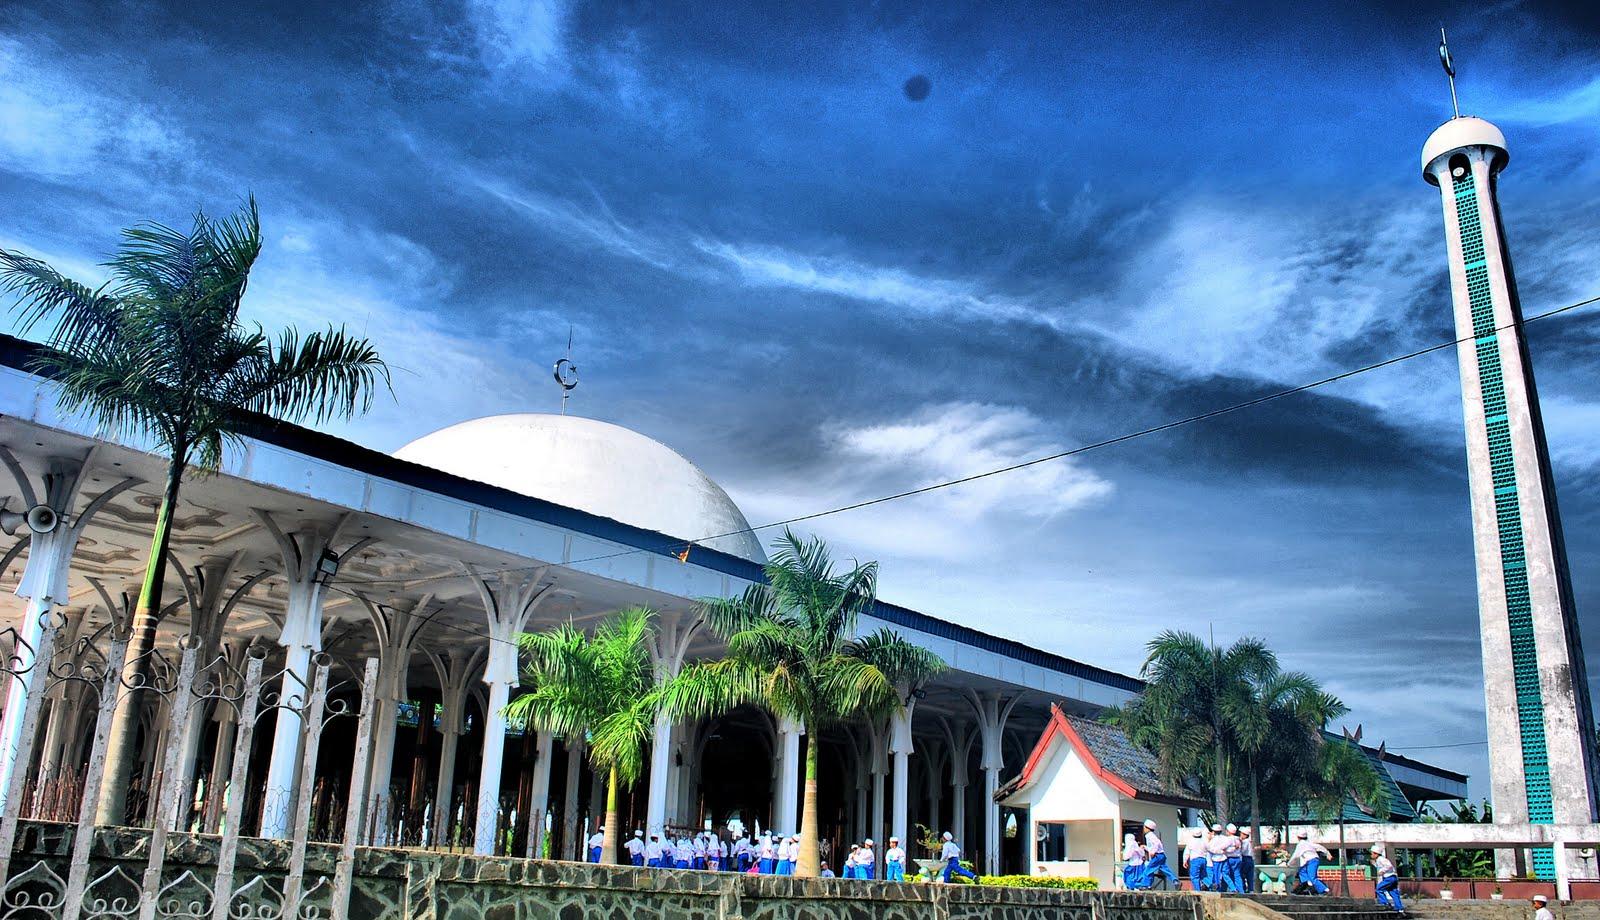 Tempat Wisata Jambi Wajib Dikunjungi 9 Masjid Agung Al Falah